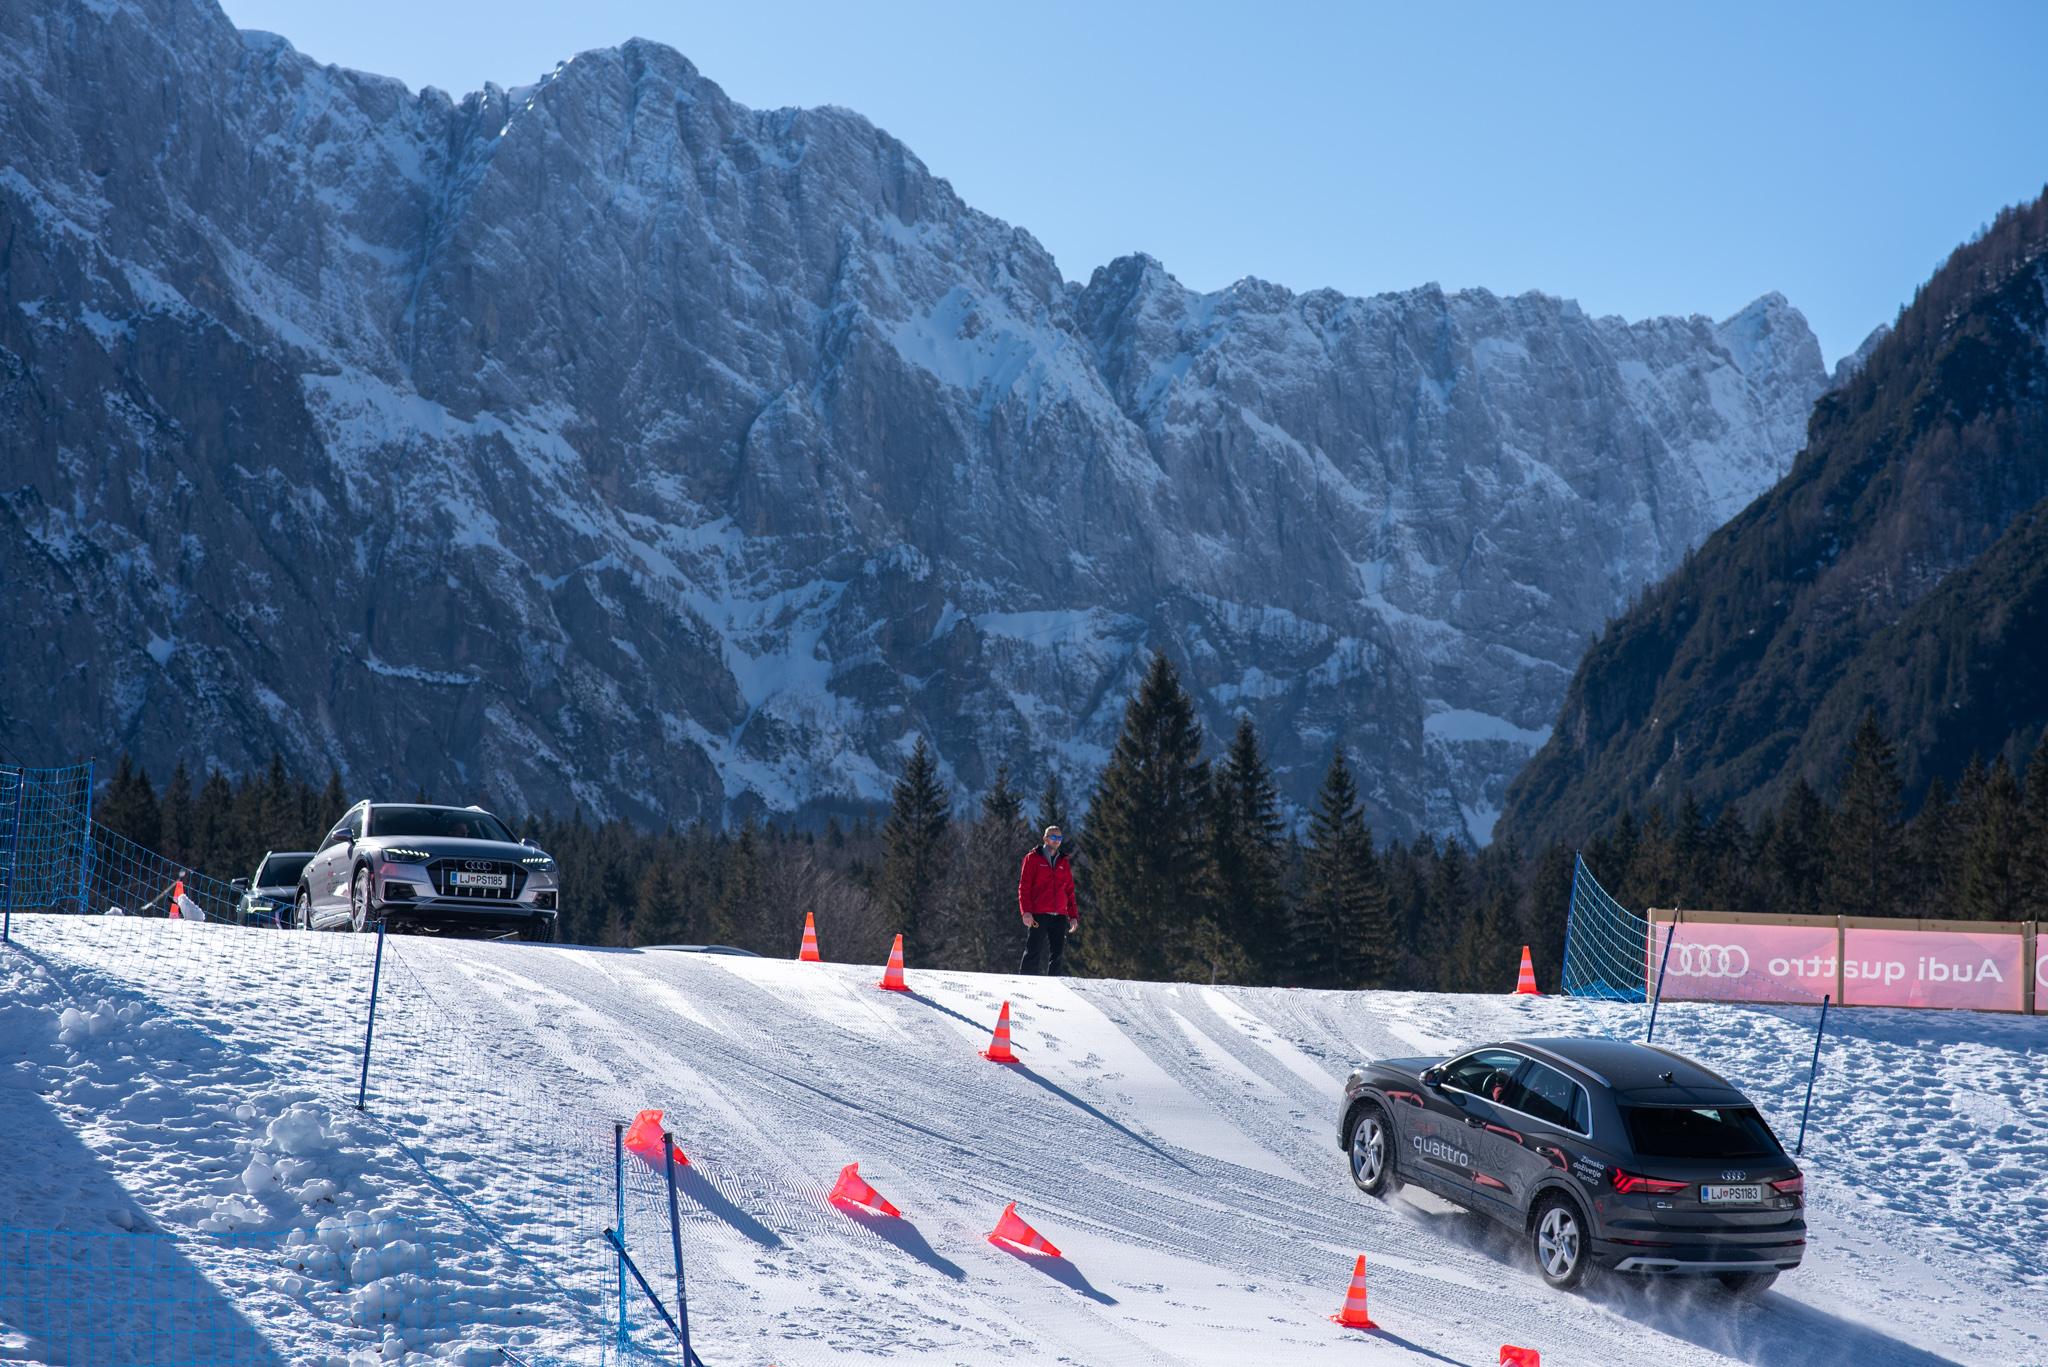 Audi quattro vozilo med vzpenjanjem po snežnem klancu, v ozadju že eno vozilo, ki se pripravlja na spust po klancu. V ozadju zasnežene gore.